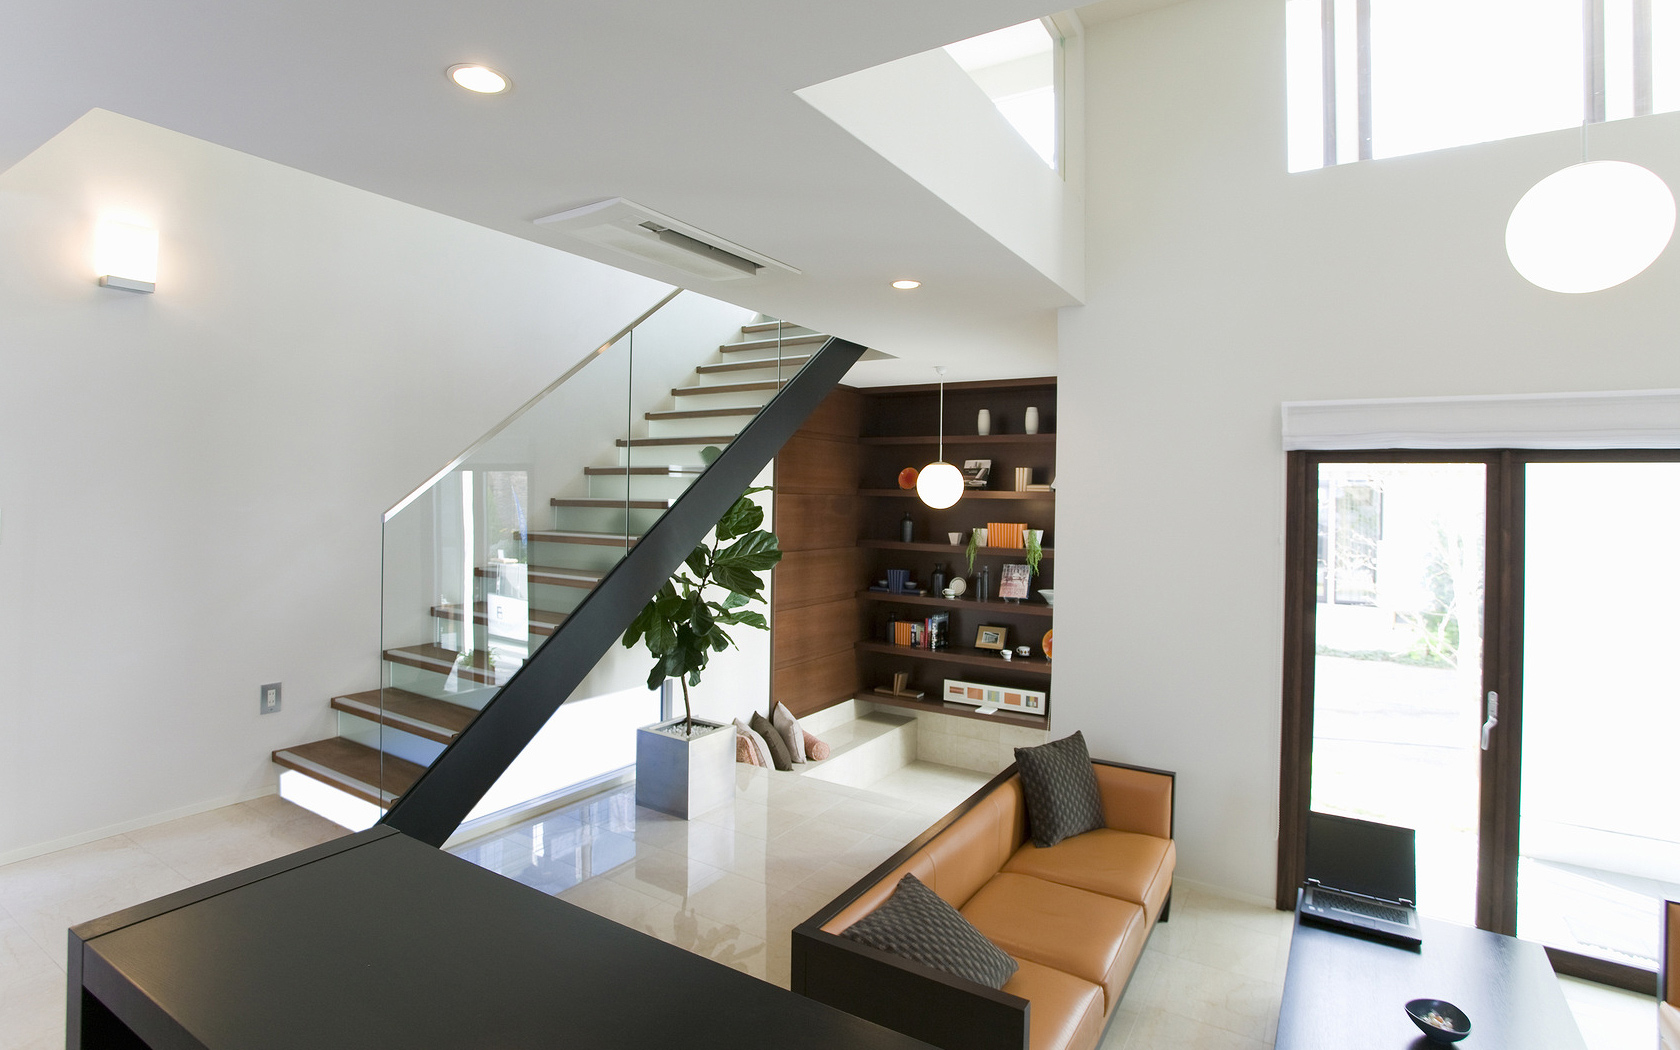 Immobilier 75 92 93 94 ile de france essonne hauts for Appartement atypique essonne